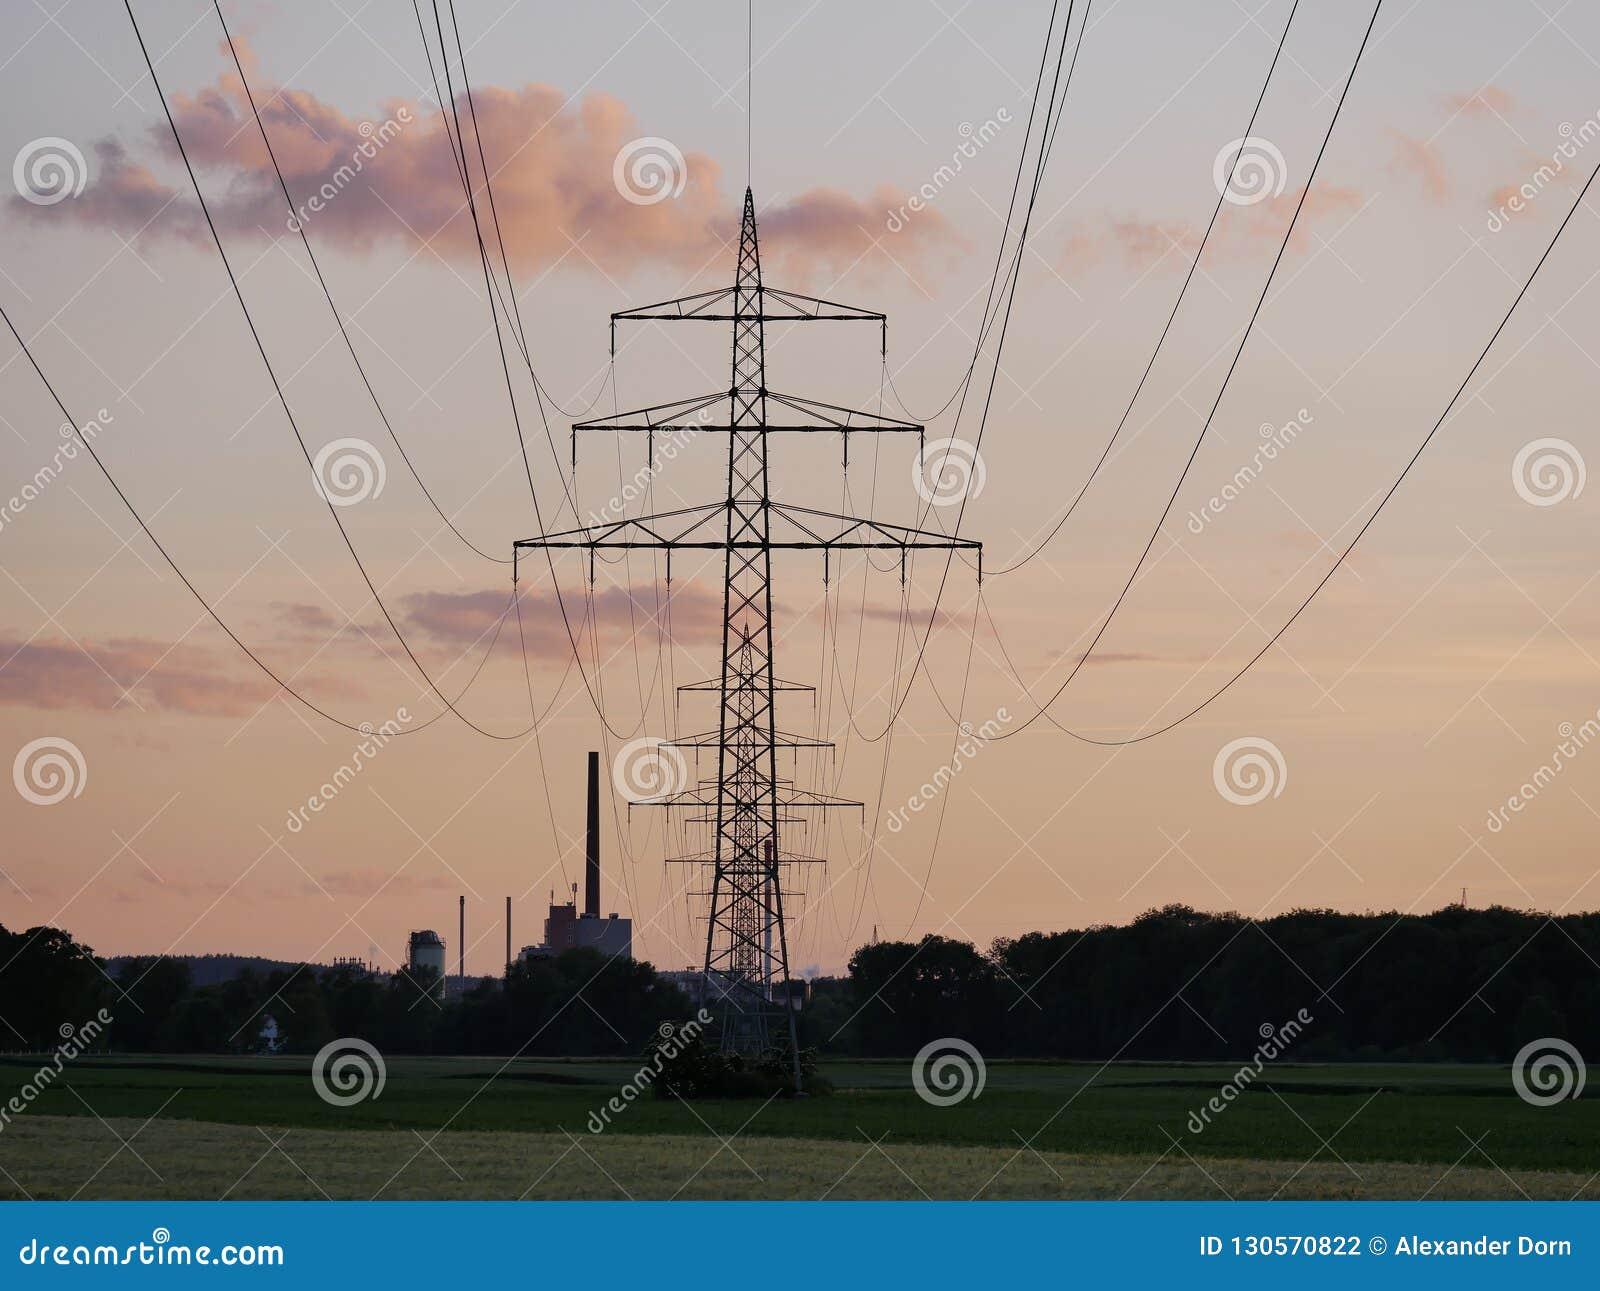 Imagen de la línea eléctrica durante puesta del sol con la central eléctrica